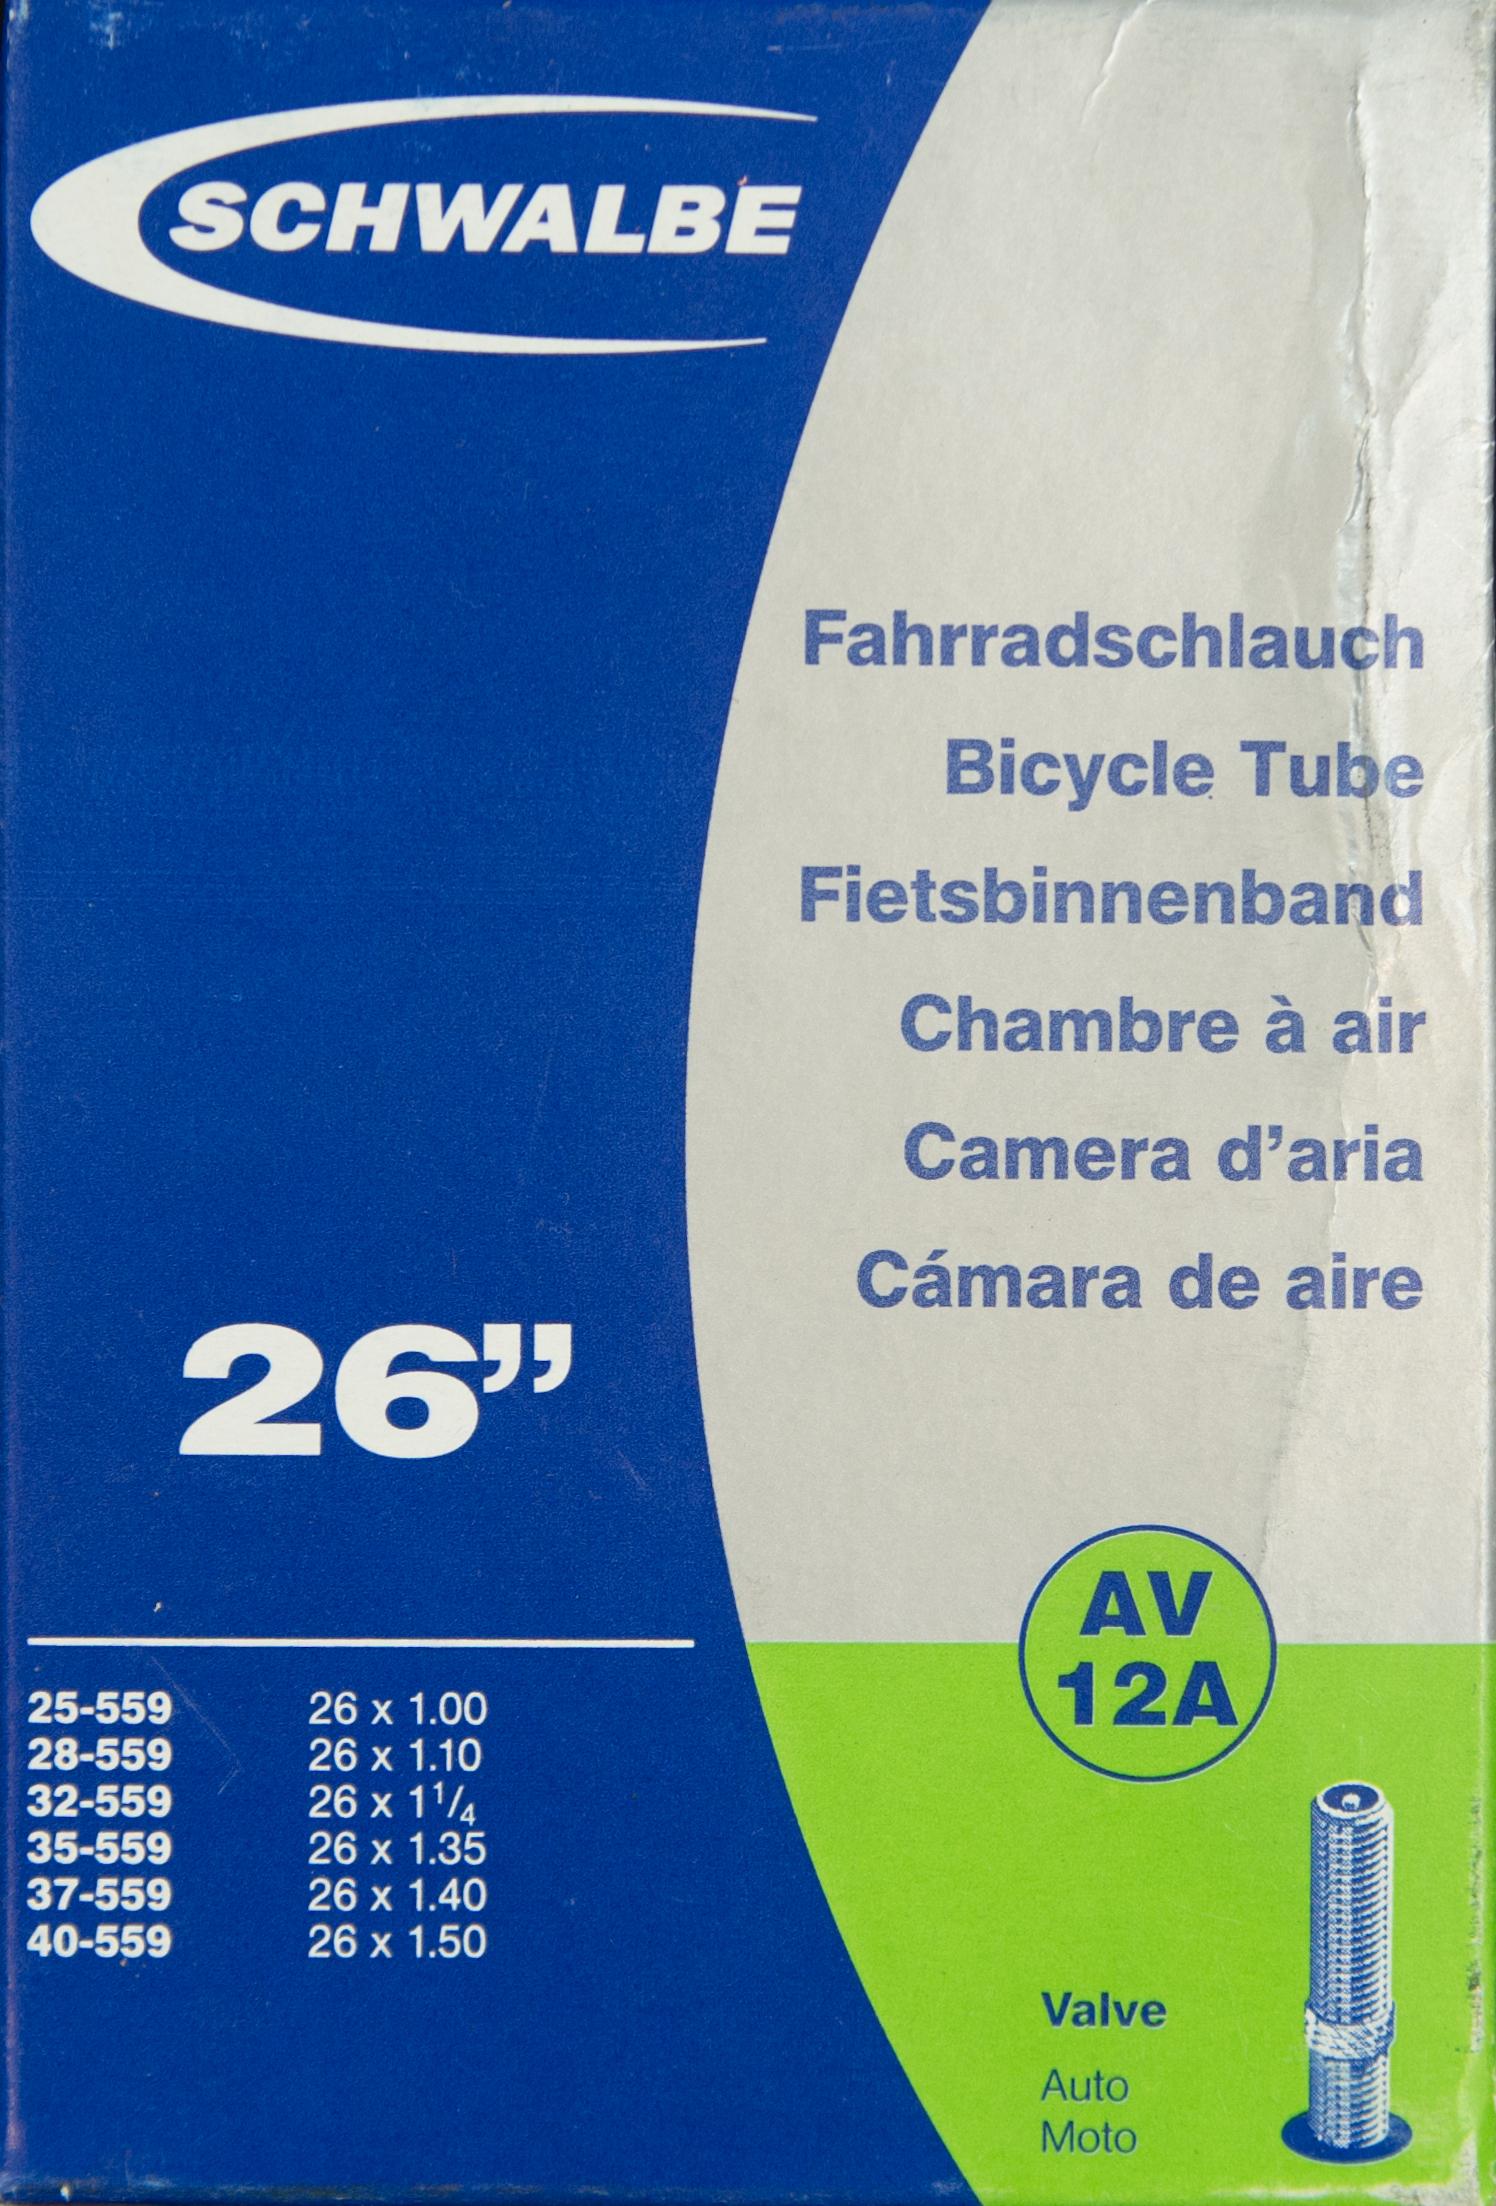 """Schwalbe 26""""x1.0-1.5 AV12A จุ๊บใหญ่"""